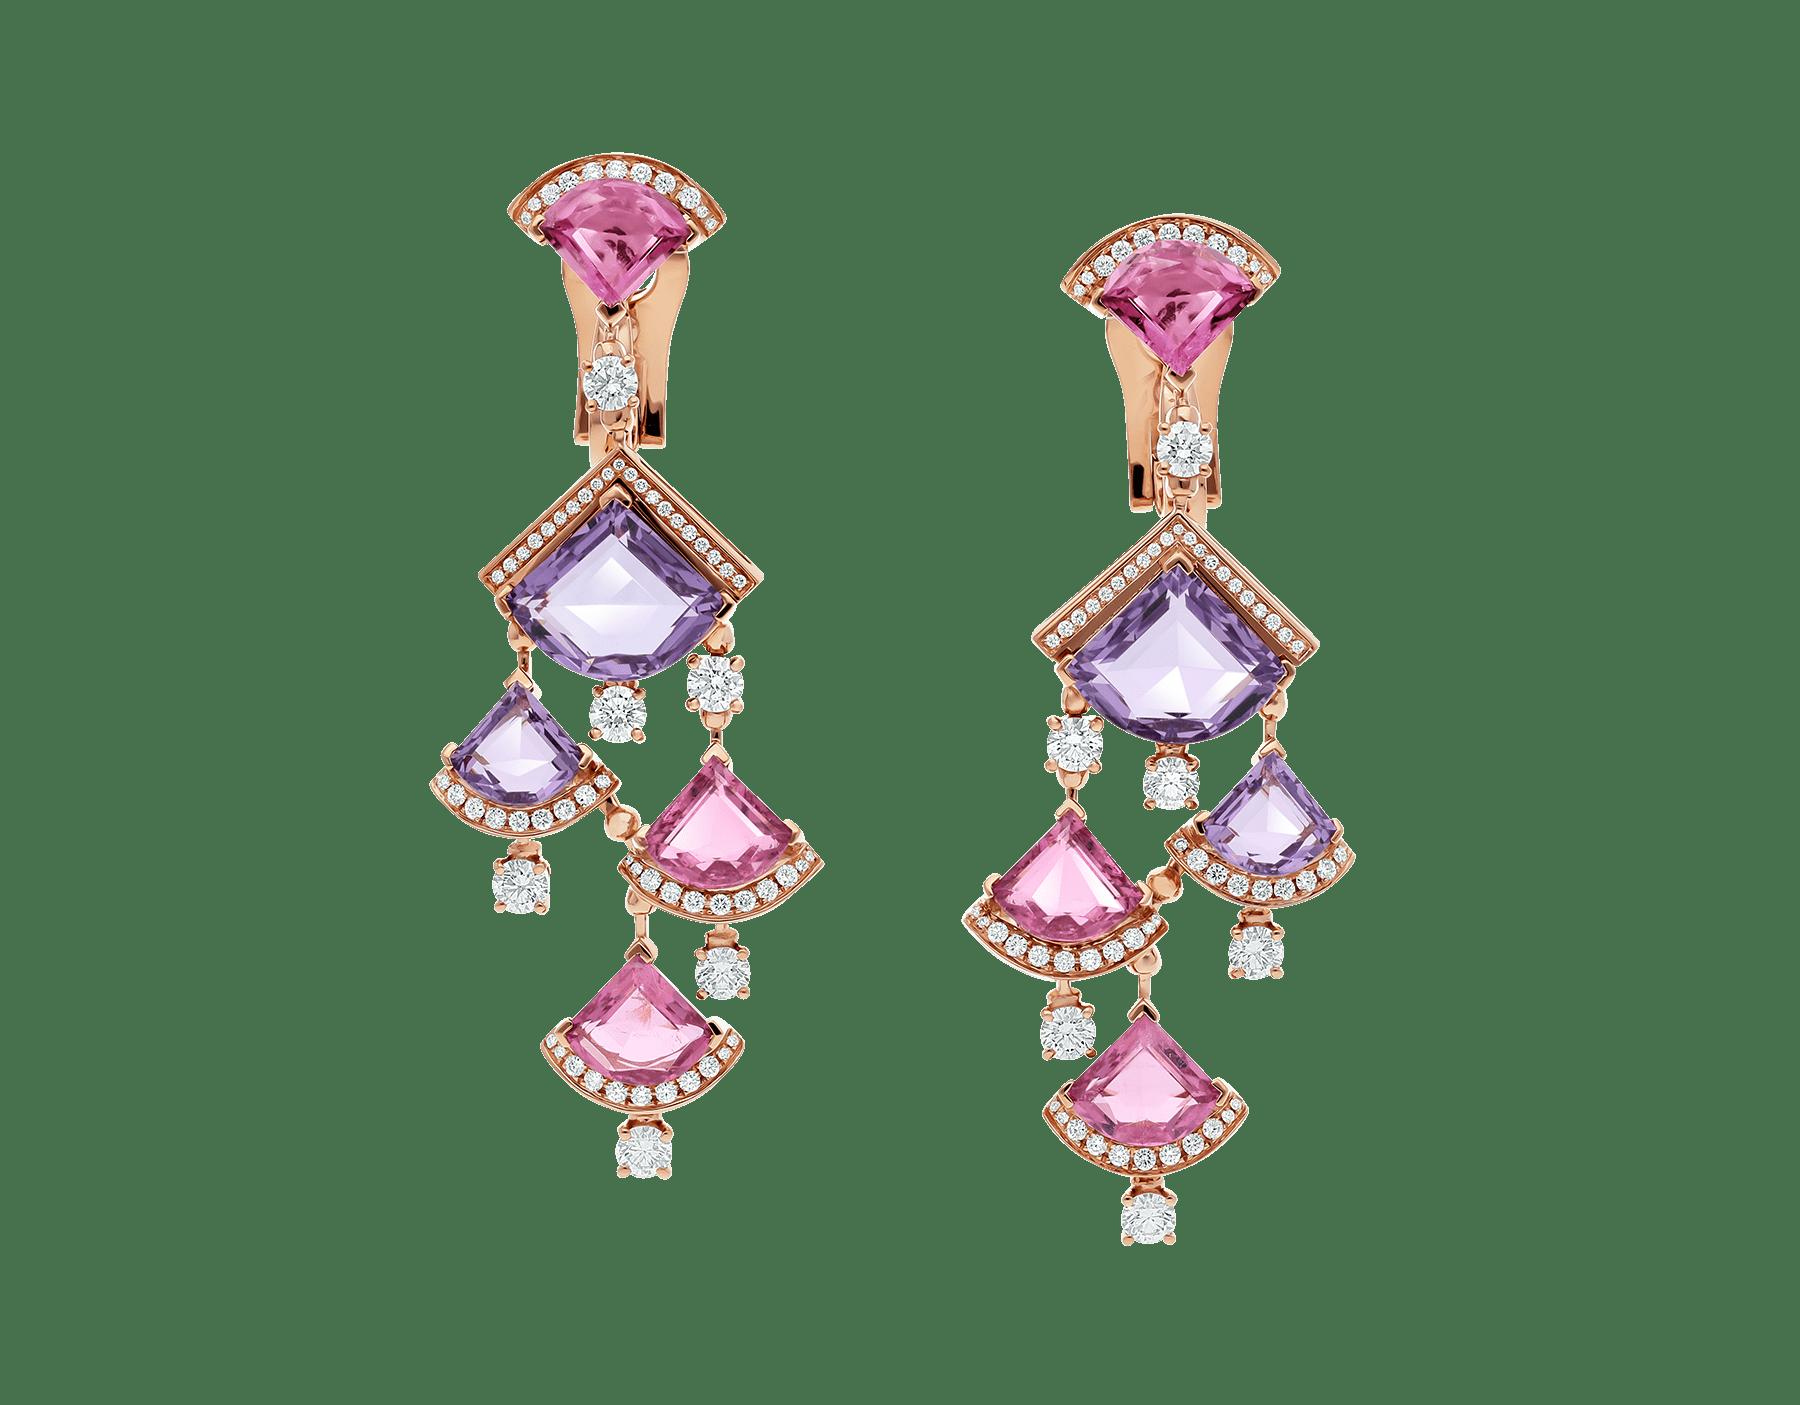 Серьги DIVAS' DREAM, розовое золото 18 карат, розовый рубеллит, аметист, бриллиантовое паве. 354078 image 1